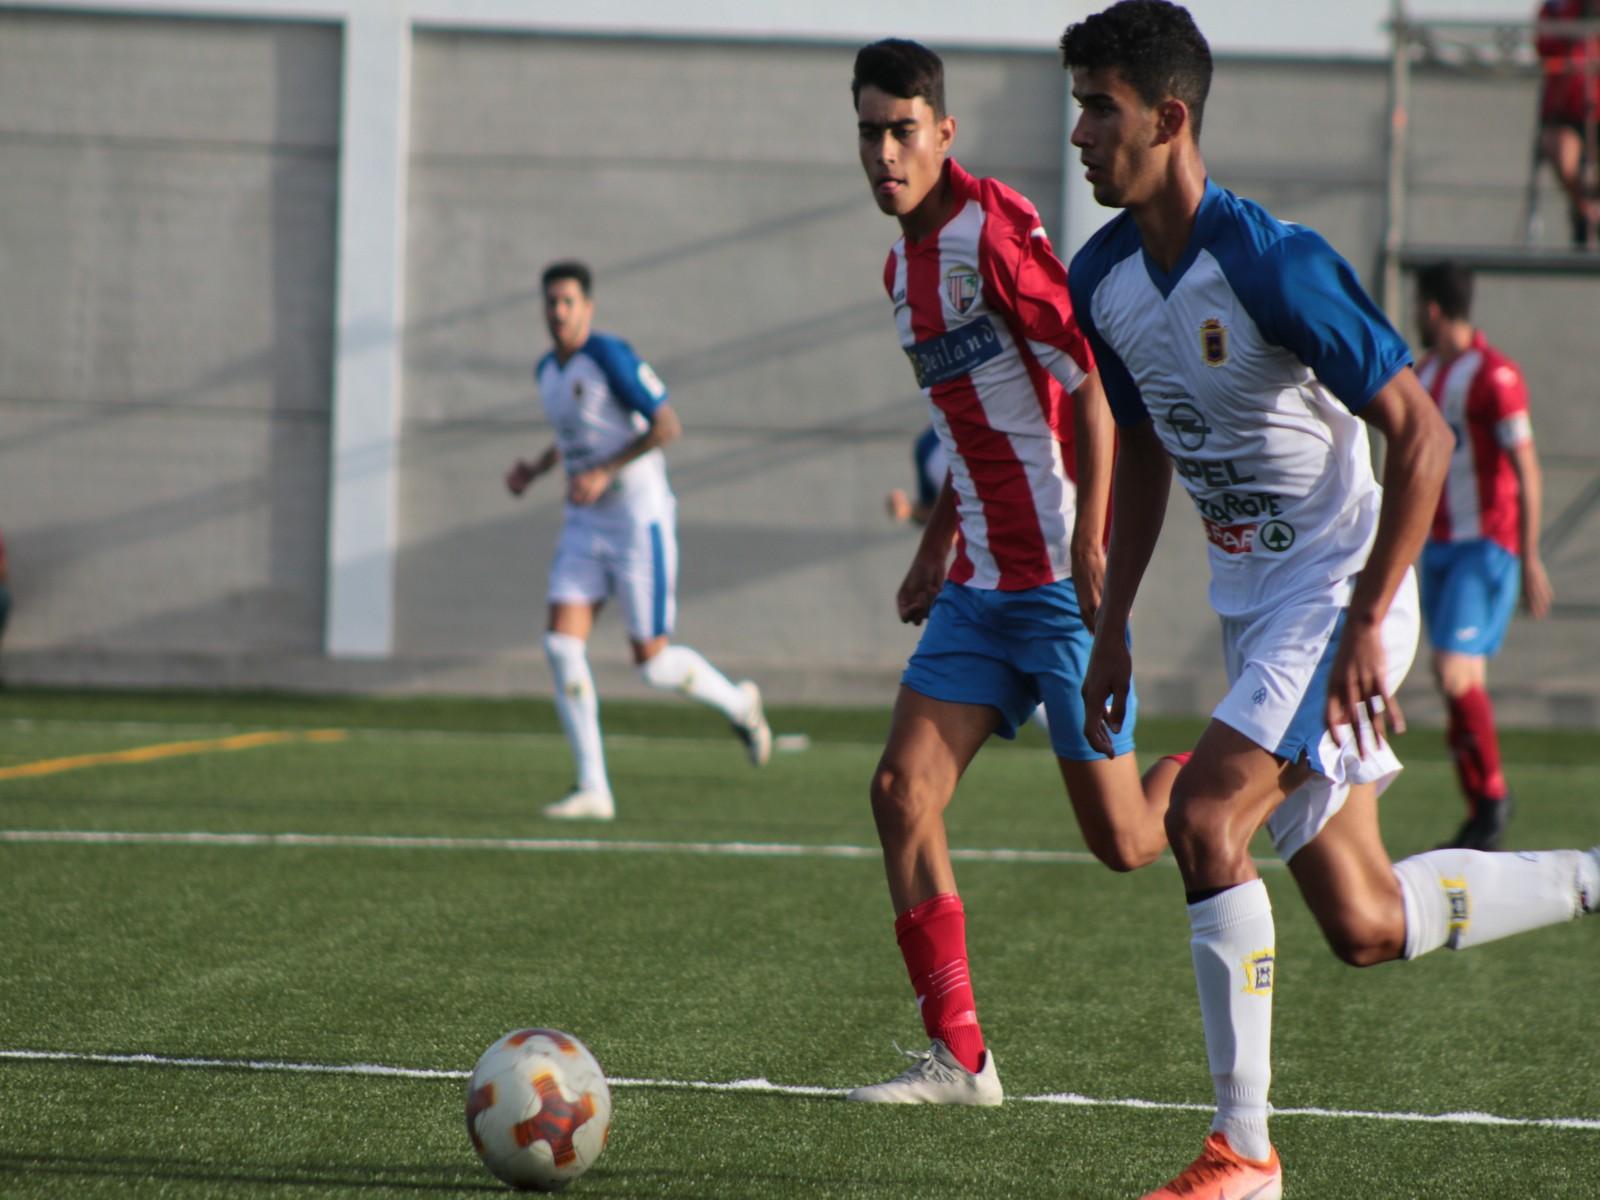 El San Bartolomé vence a la UD Lanzarote en un partido sin ritmo